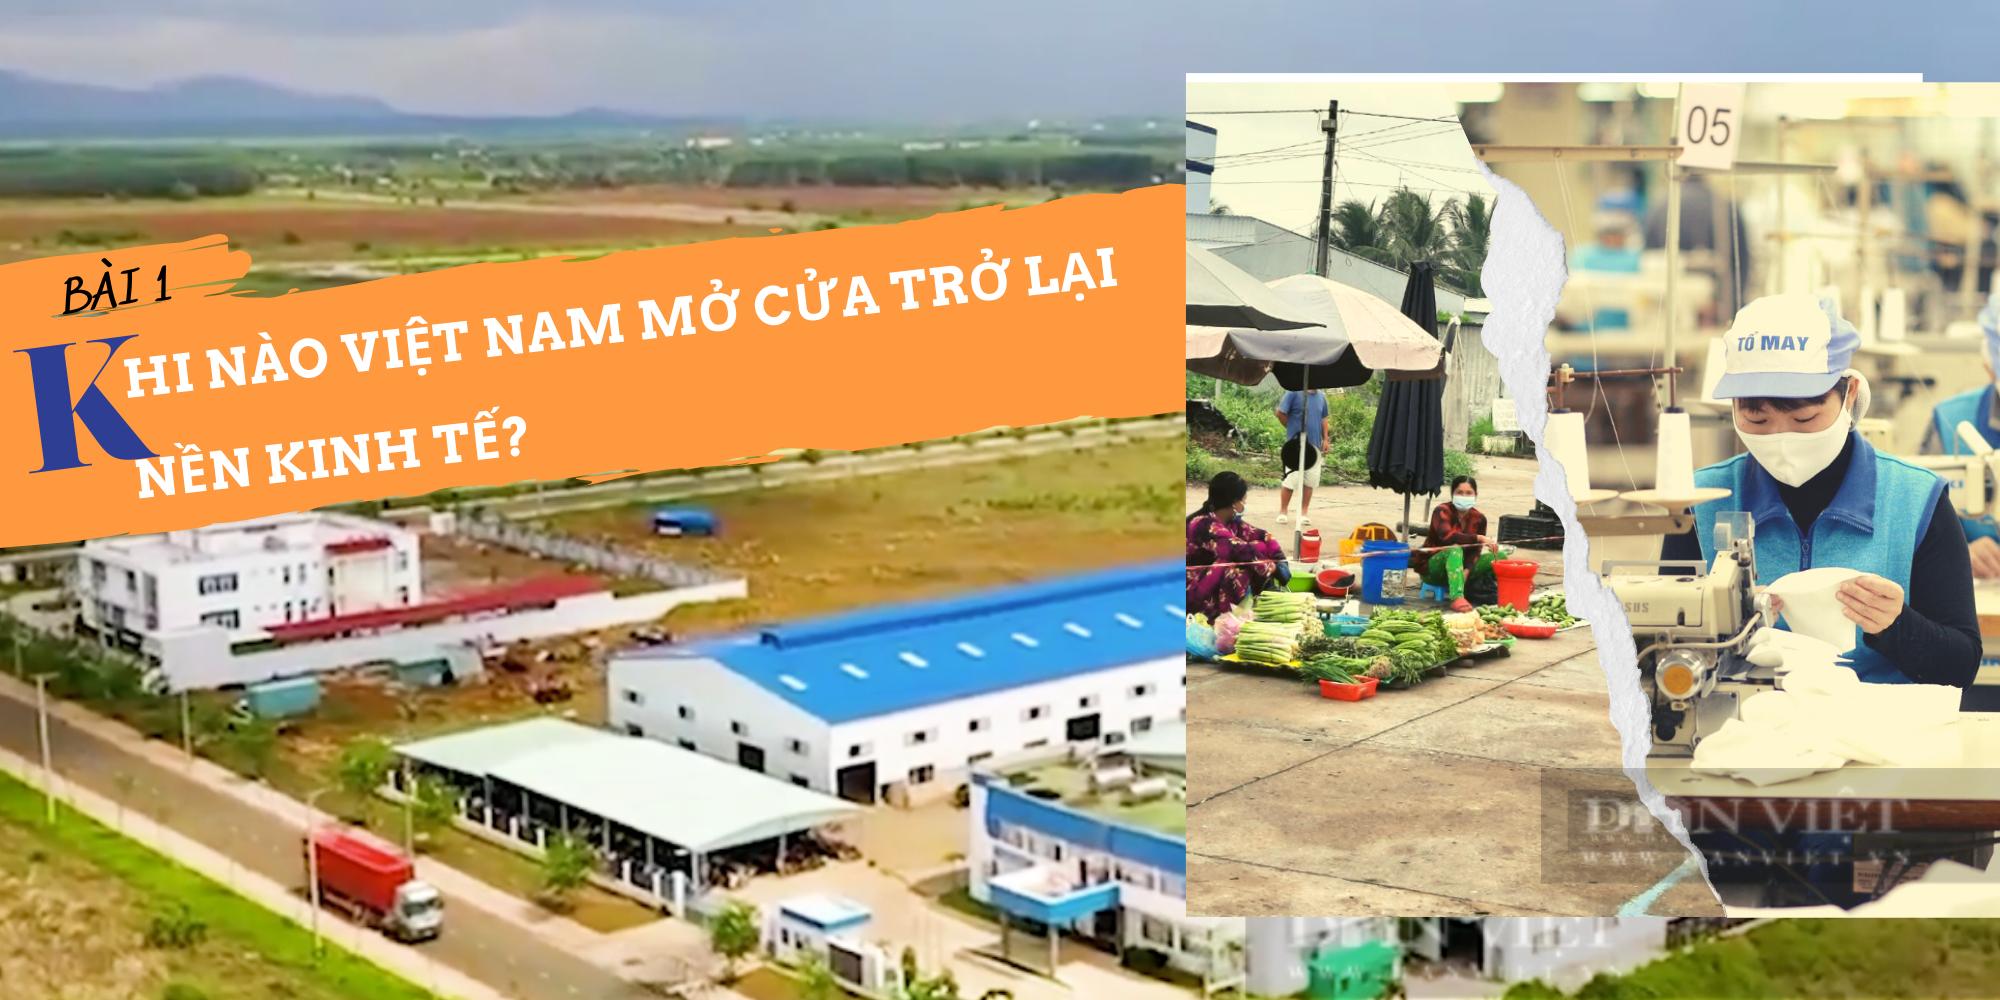 Việt Nam chuẩn bị gì để mở cửa trở lại nền kinh tế sau khi miễn dịch cộng đồng? - Ảnh 3.